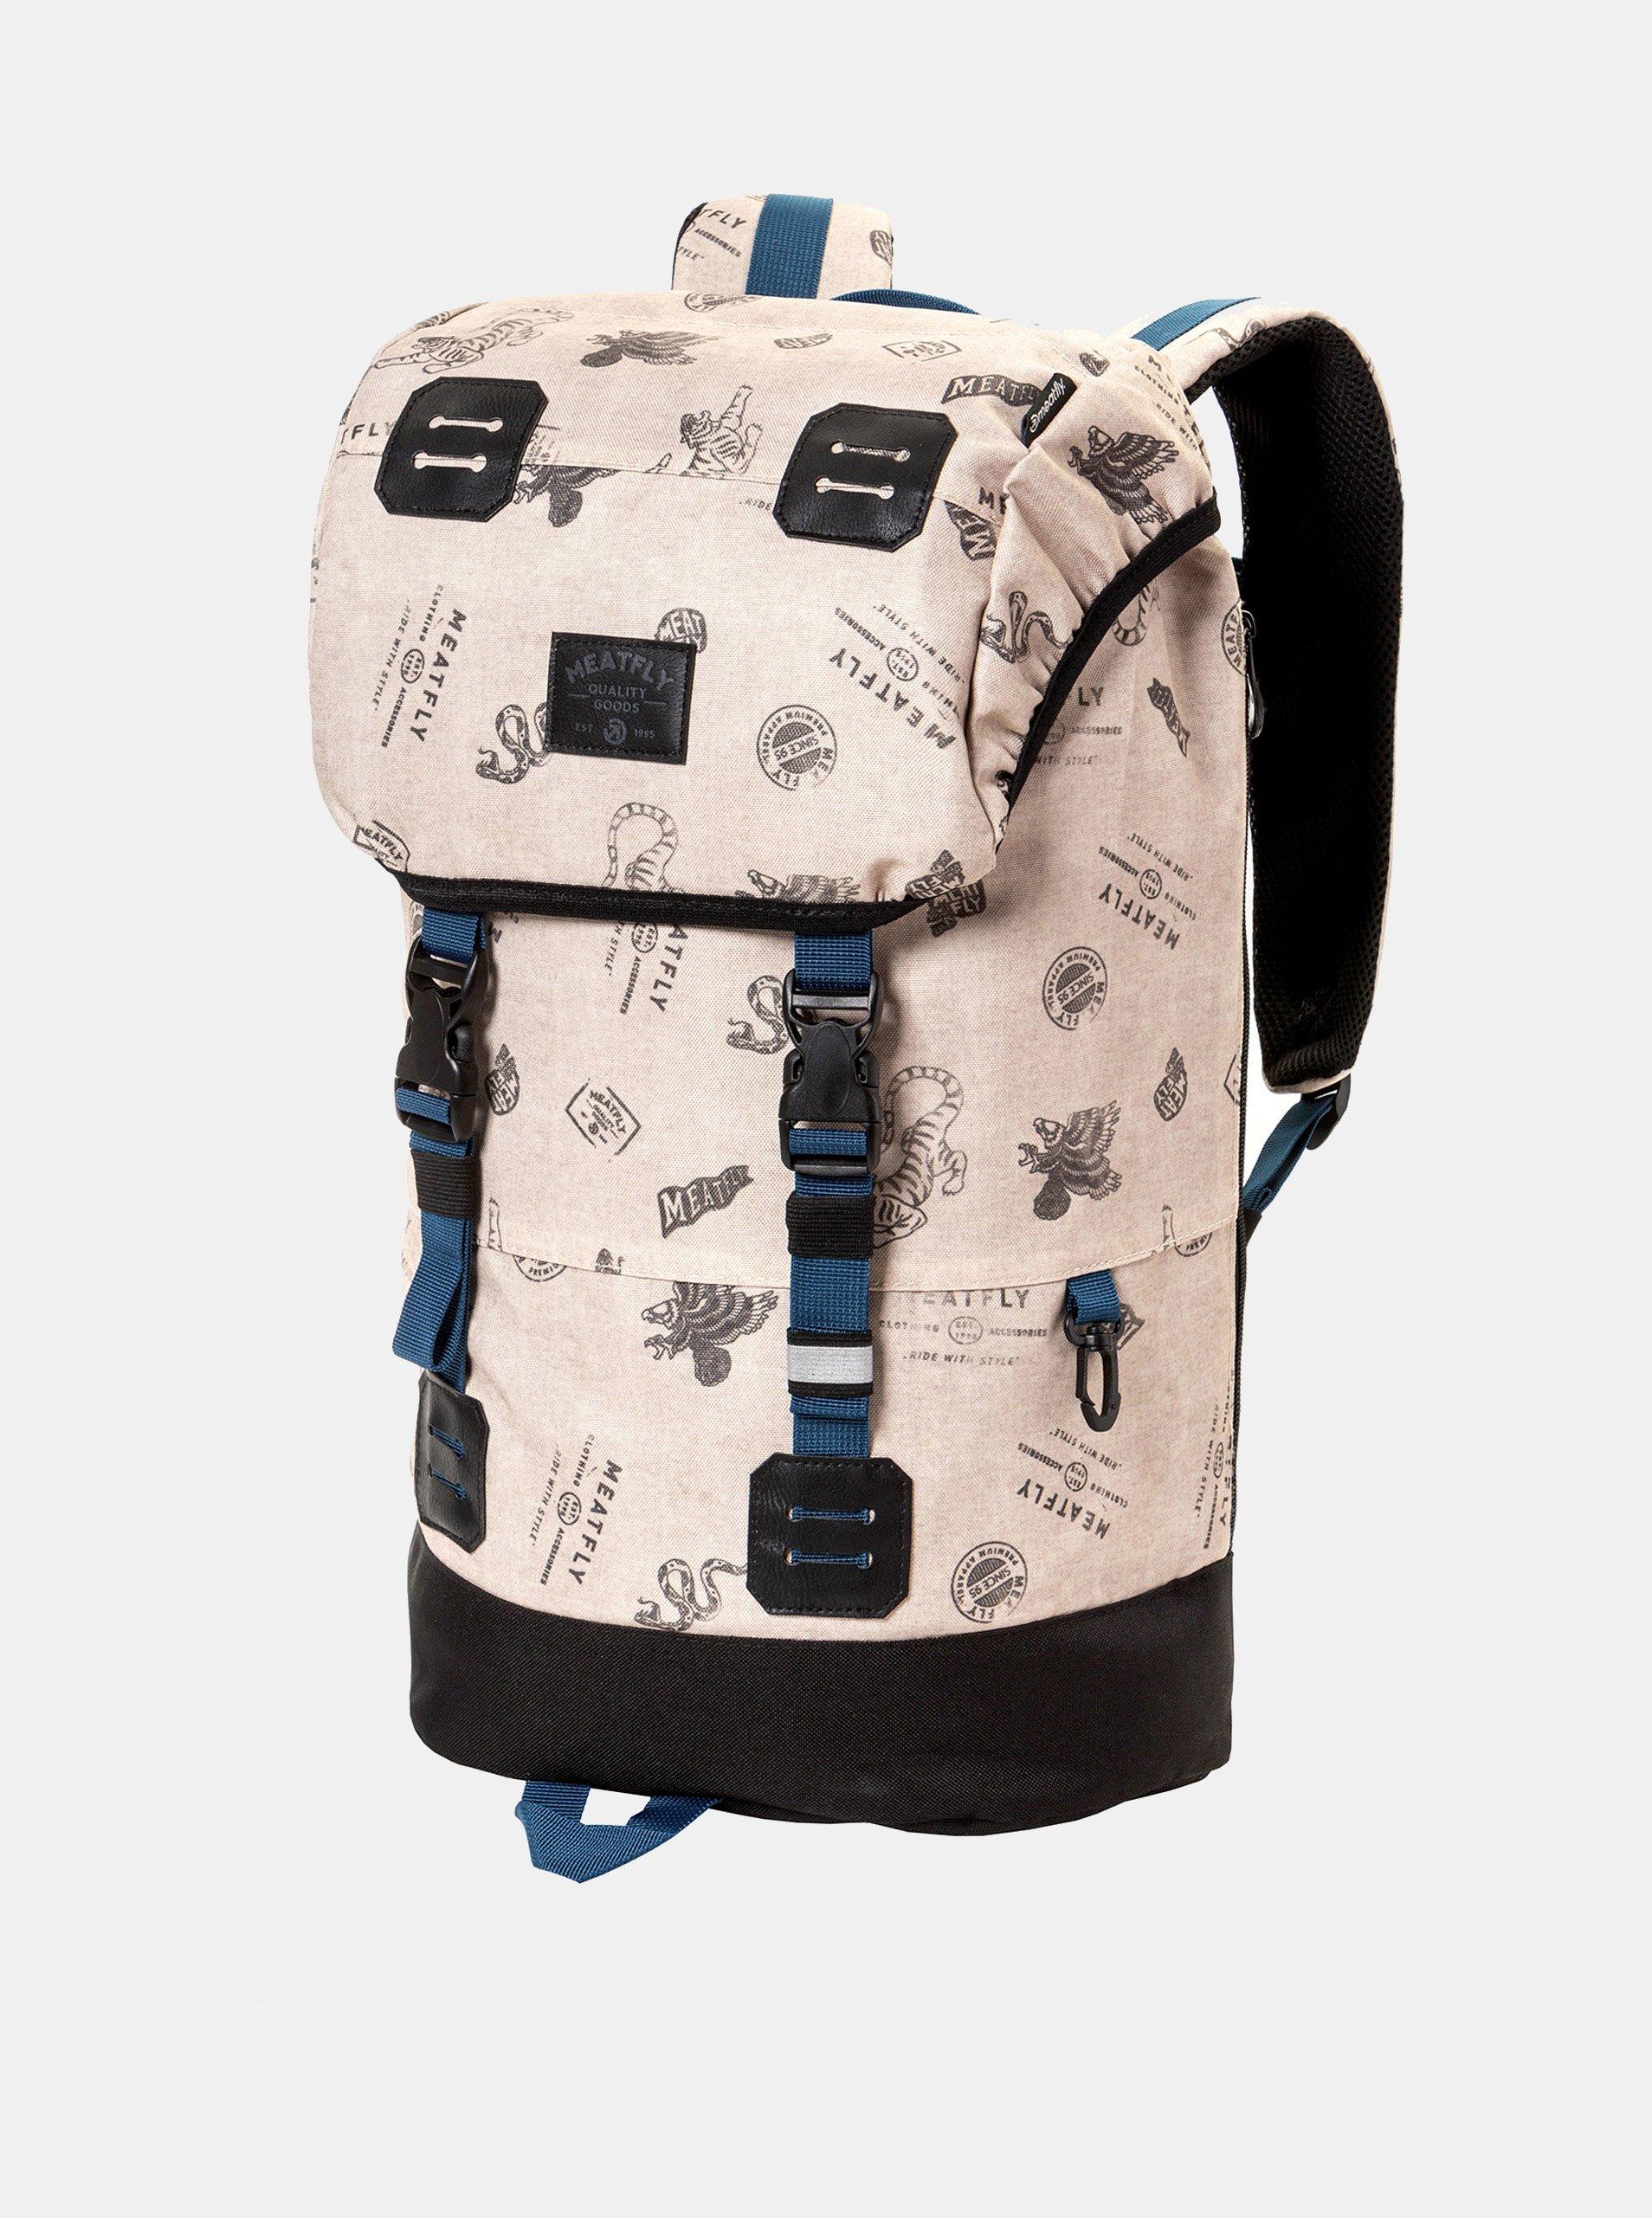 Fotografie Béžový batoh s koženkovými detaily a pláštěnkou Meatfly 26 l